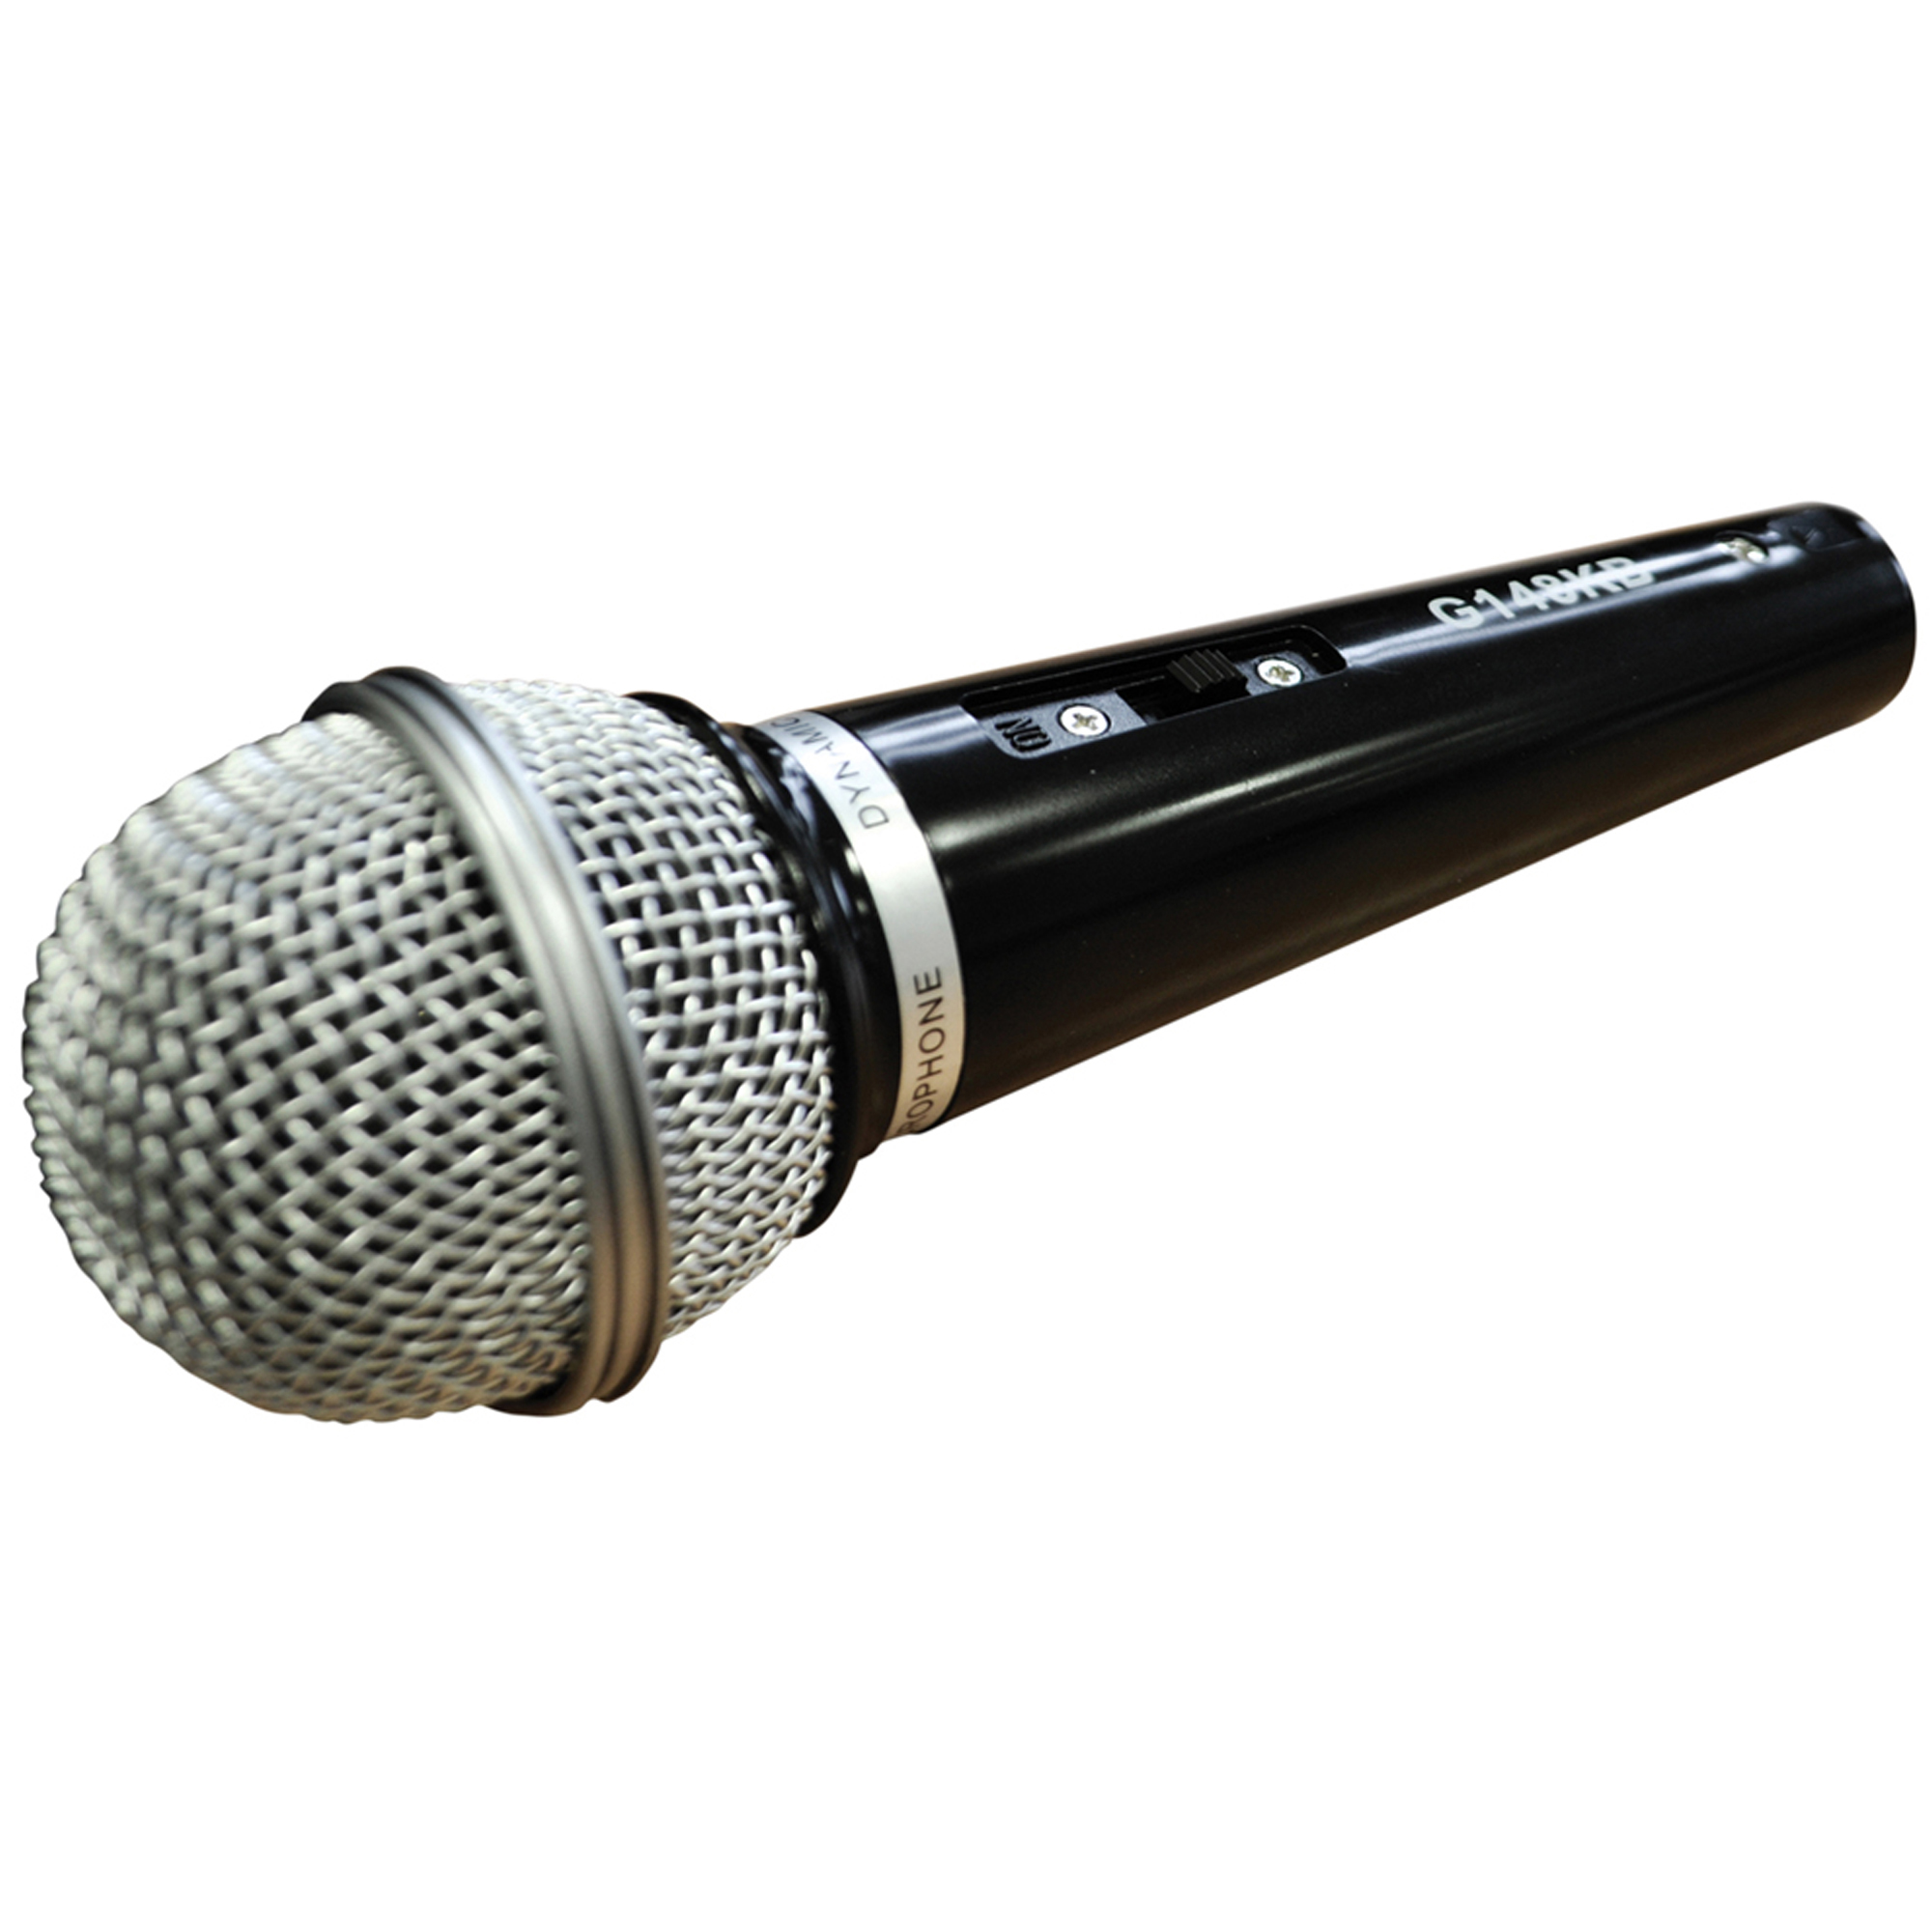 soundlab g148kb dynamic vocal microphone kit. Black Bedroom Furniture Sets. Home Design Ideas